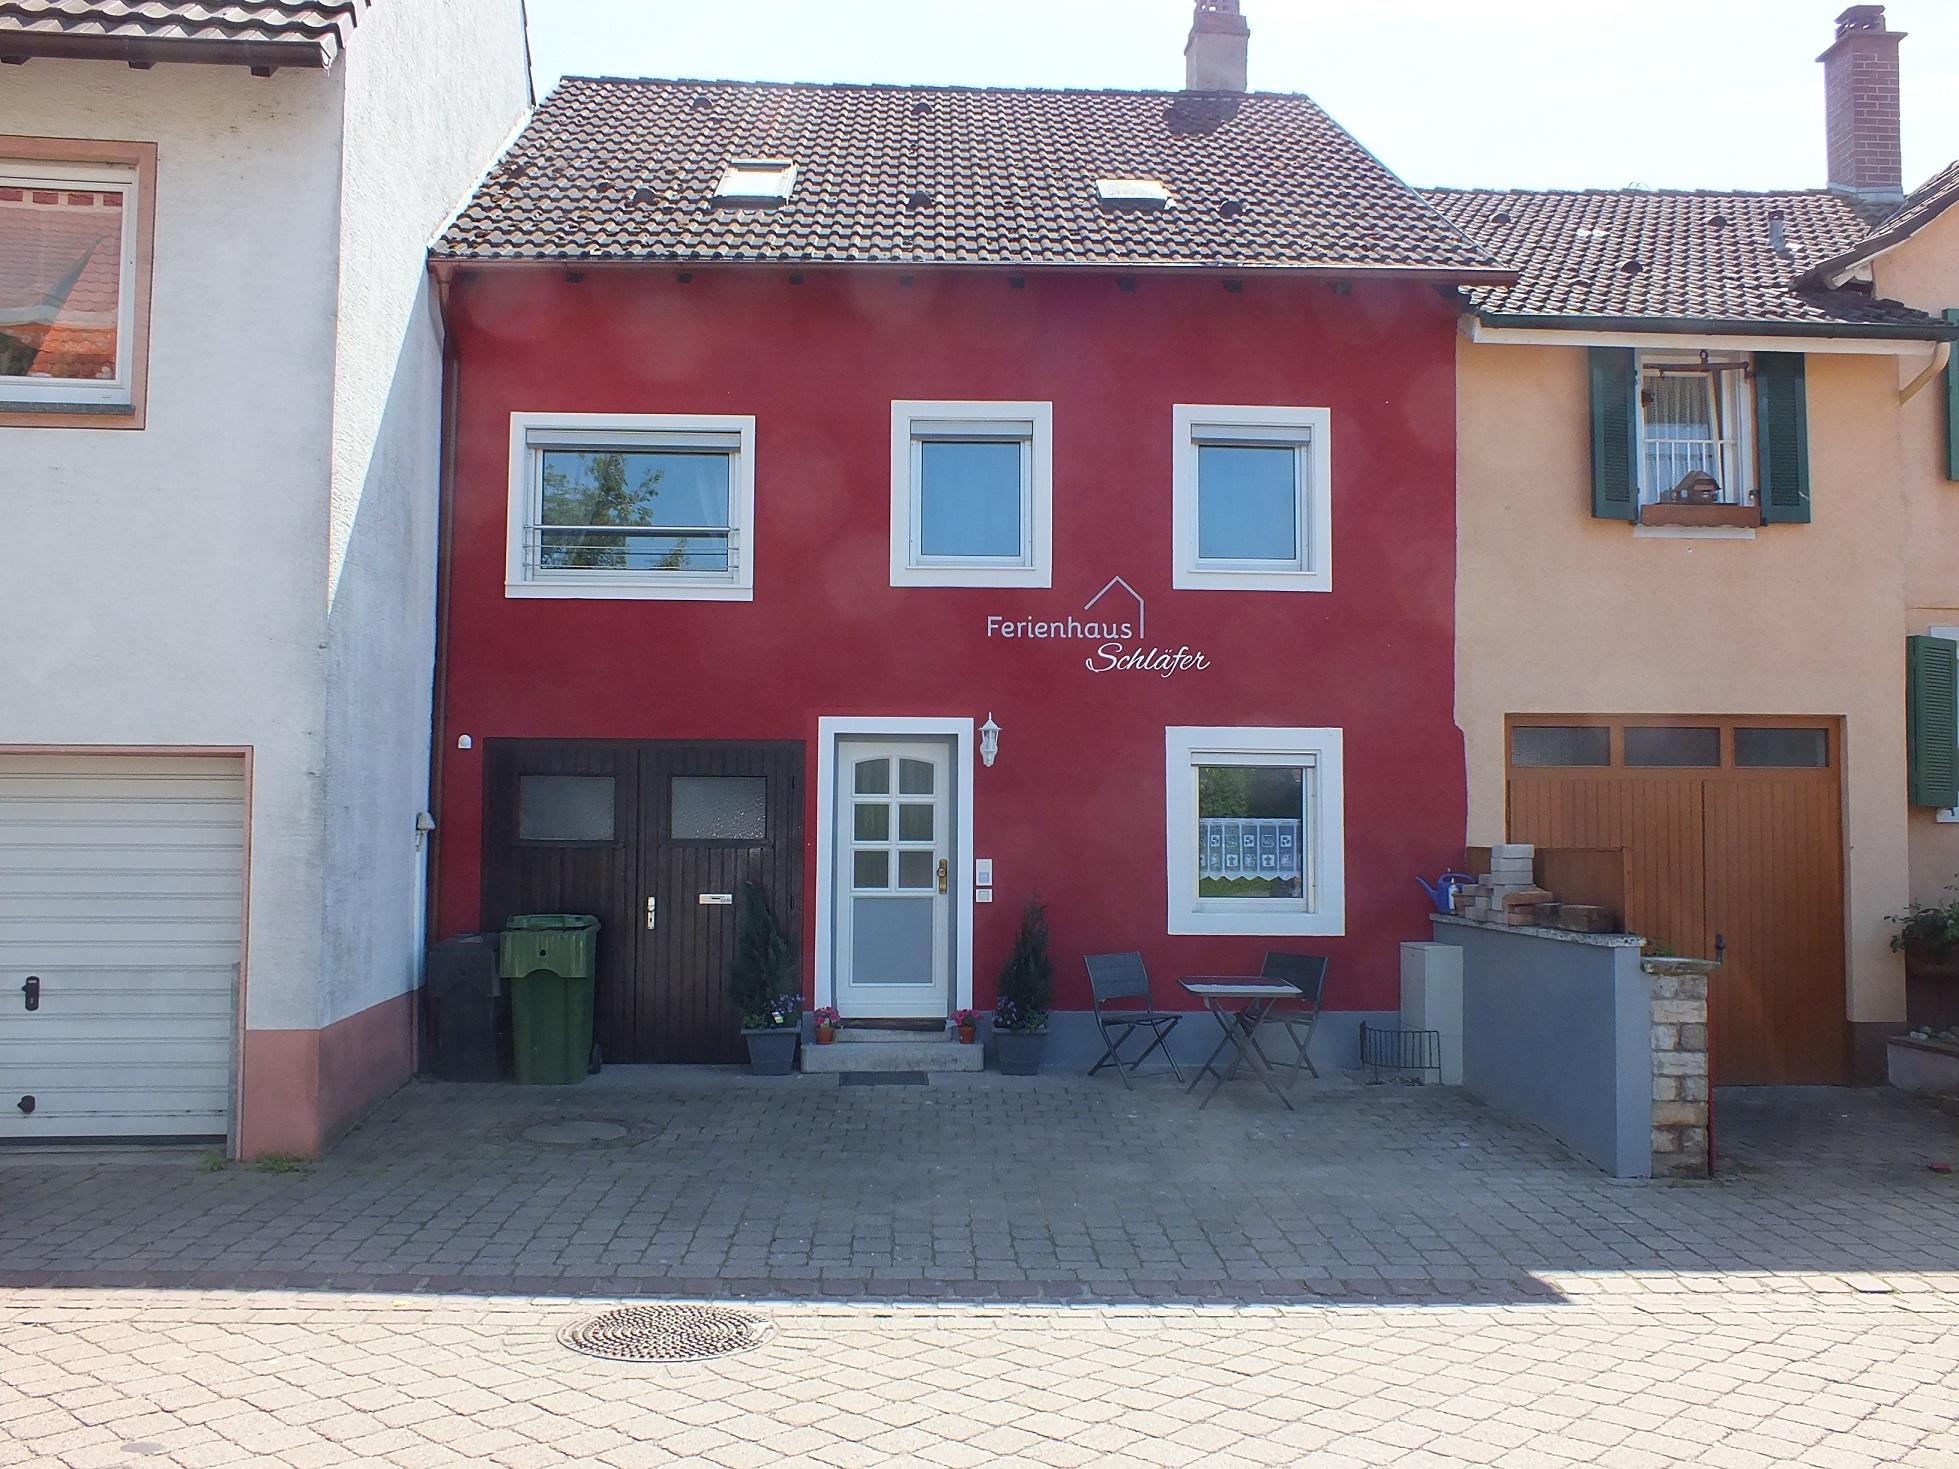 Ferienhaus Schläfer, (Ettenheim). Ferienhaus, 100qm, 2 Schlafzimmer ...